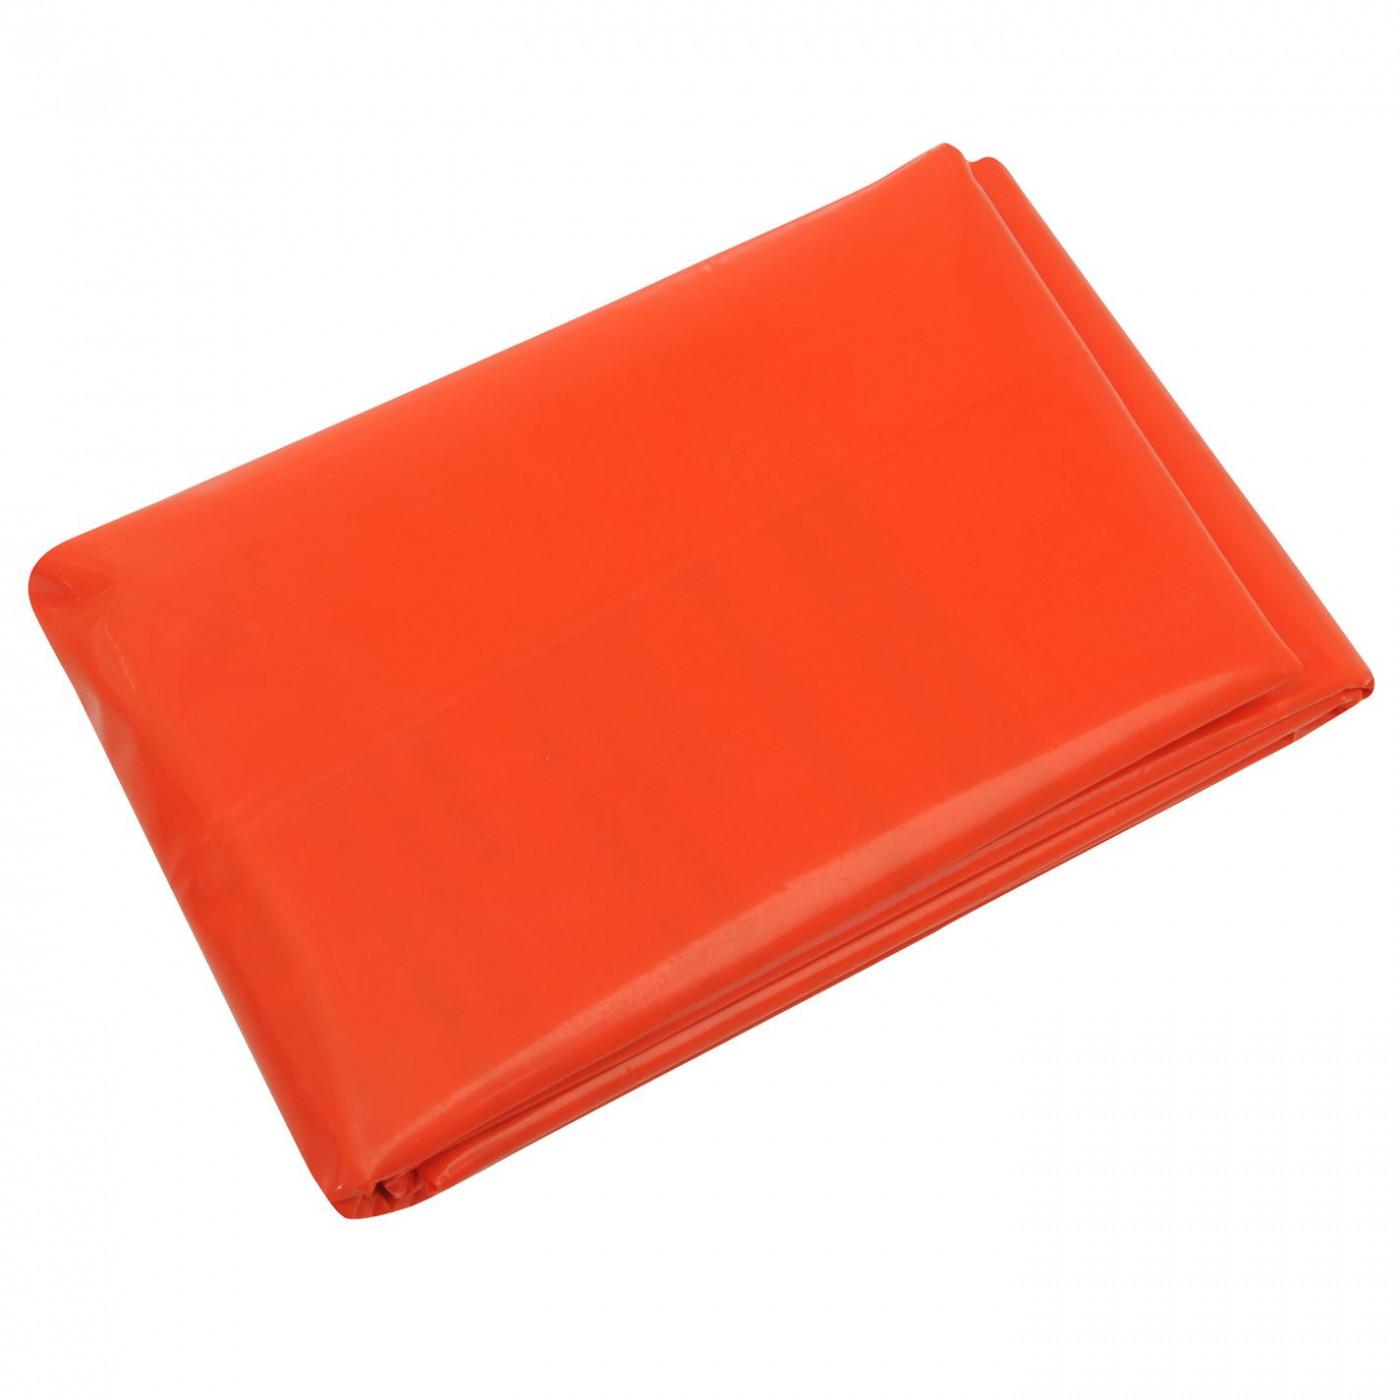 Karrimor Survival Bag